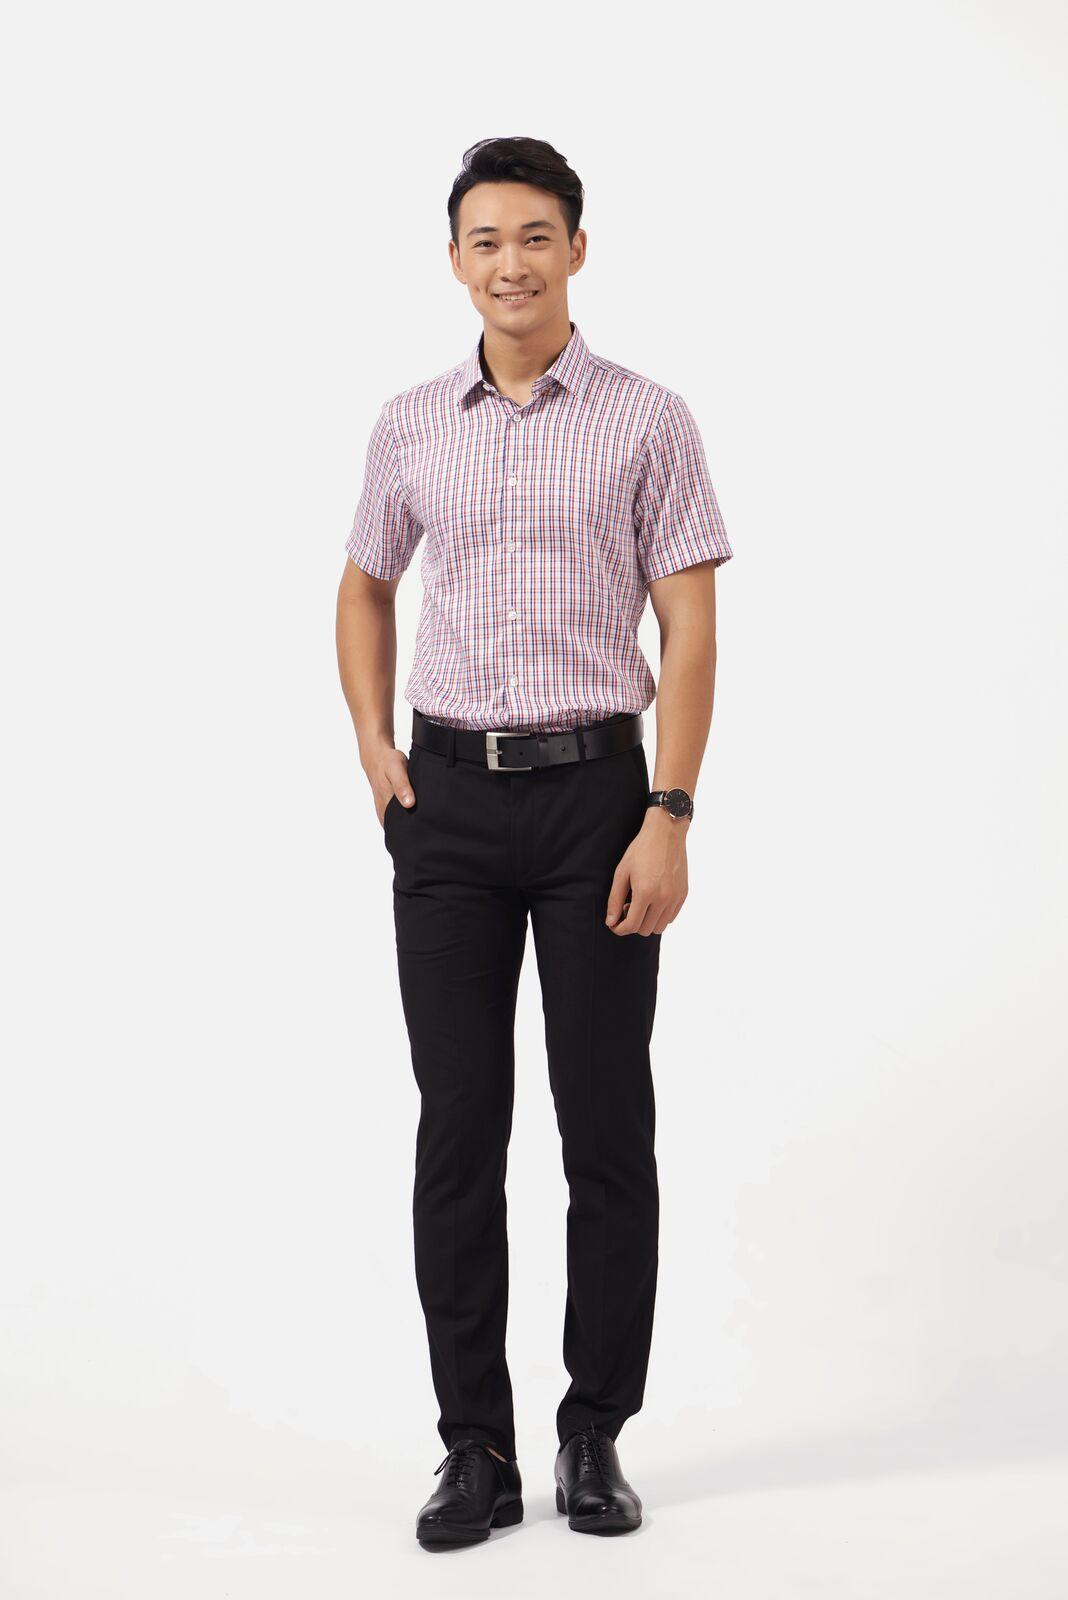 Quy tắc ăn mặc (Dress Code) khi đi làm trong môi trường công sở